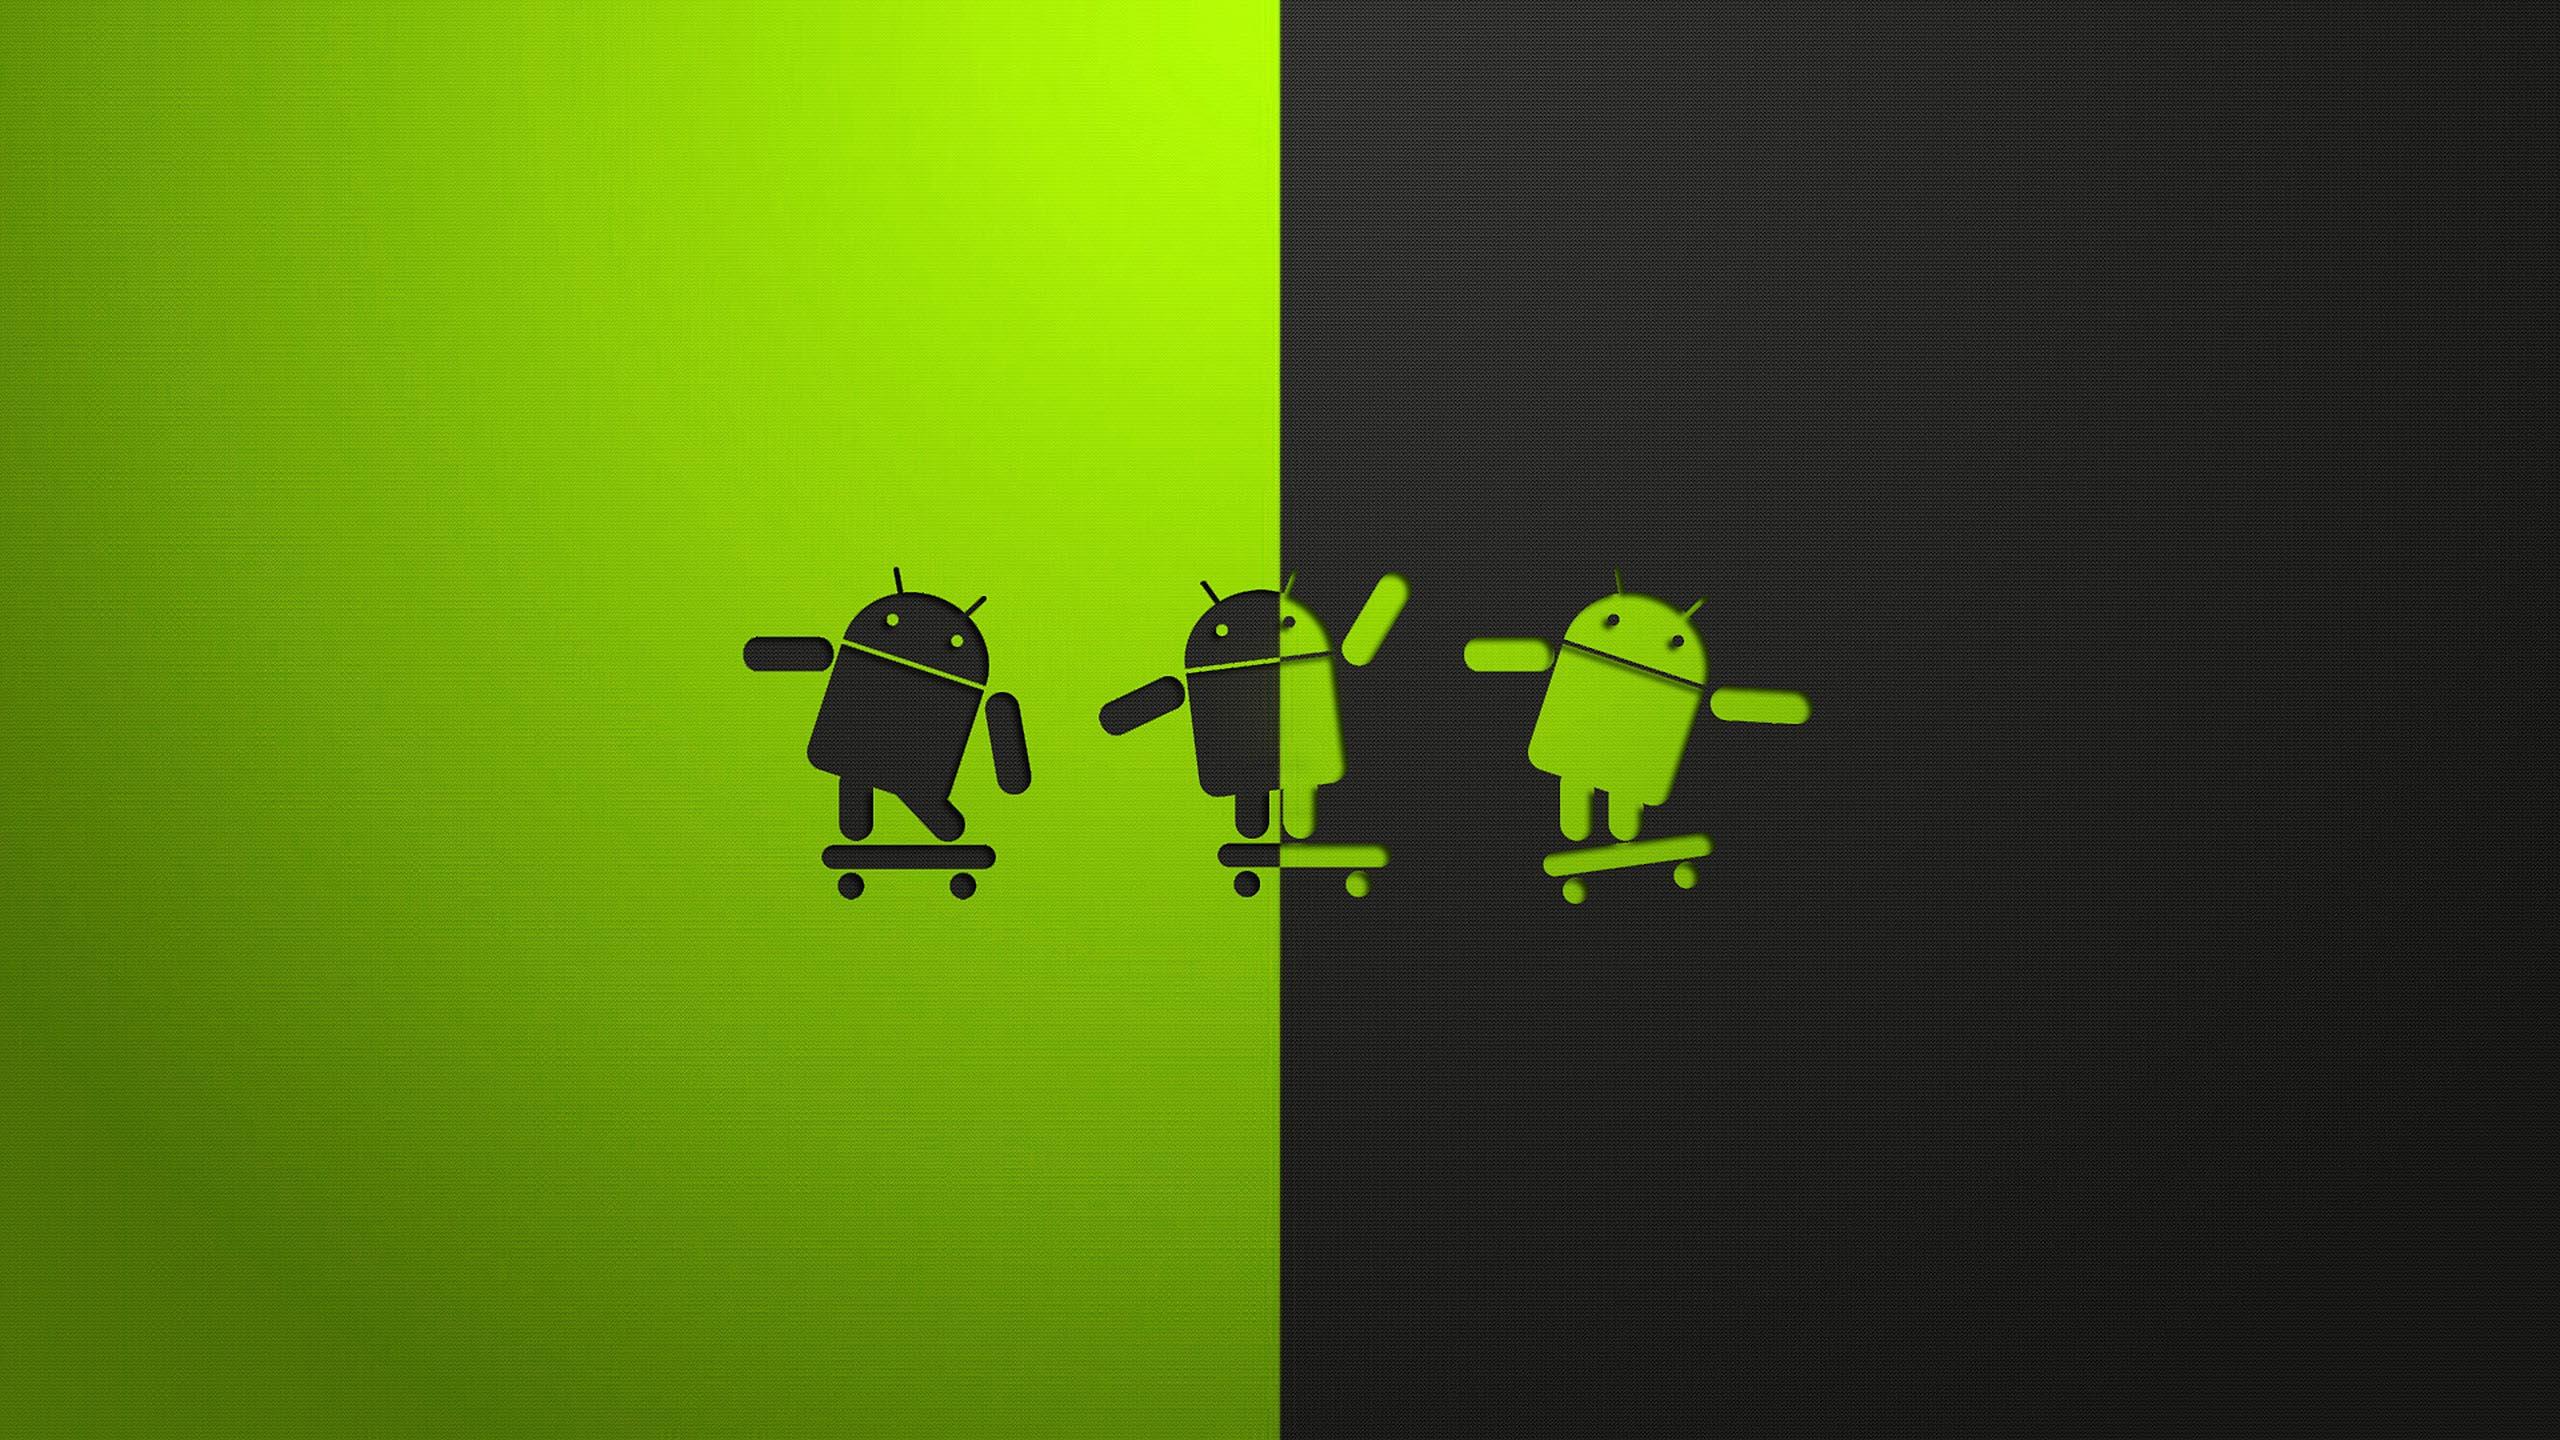 """Как перенести данные с """"Андроида"""" на """"Андроид"""": пошаговая инструкция"""